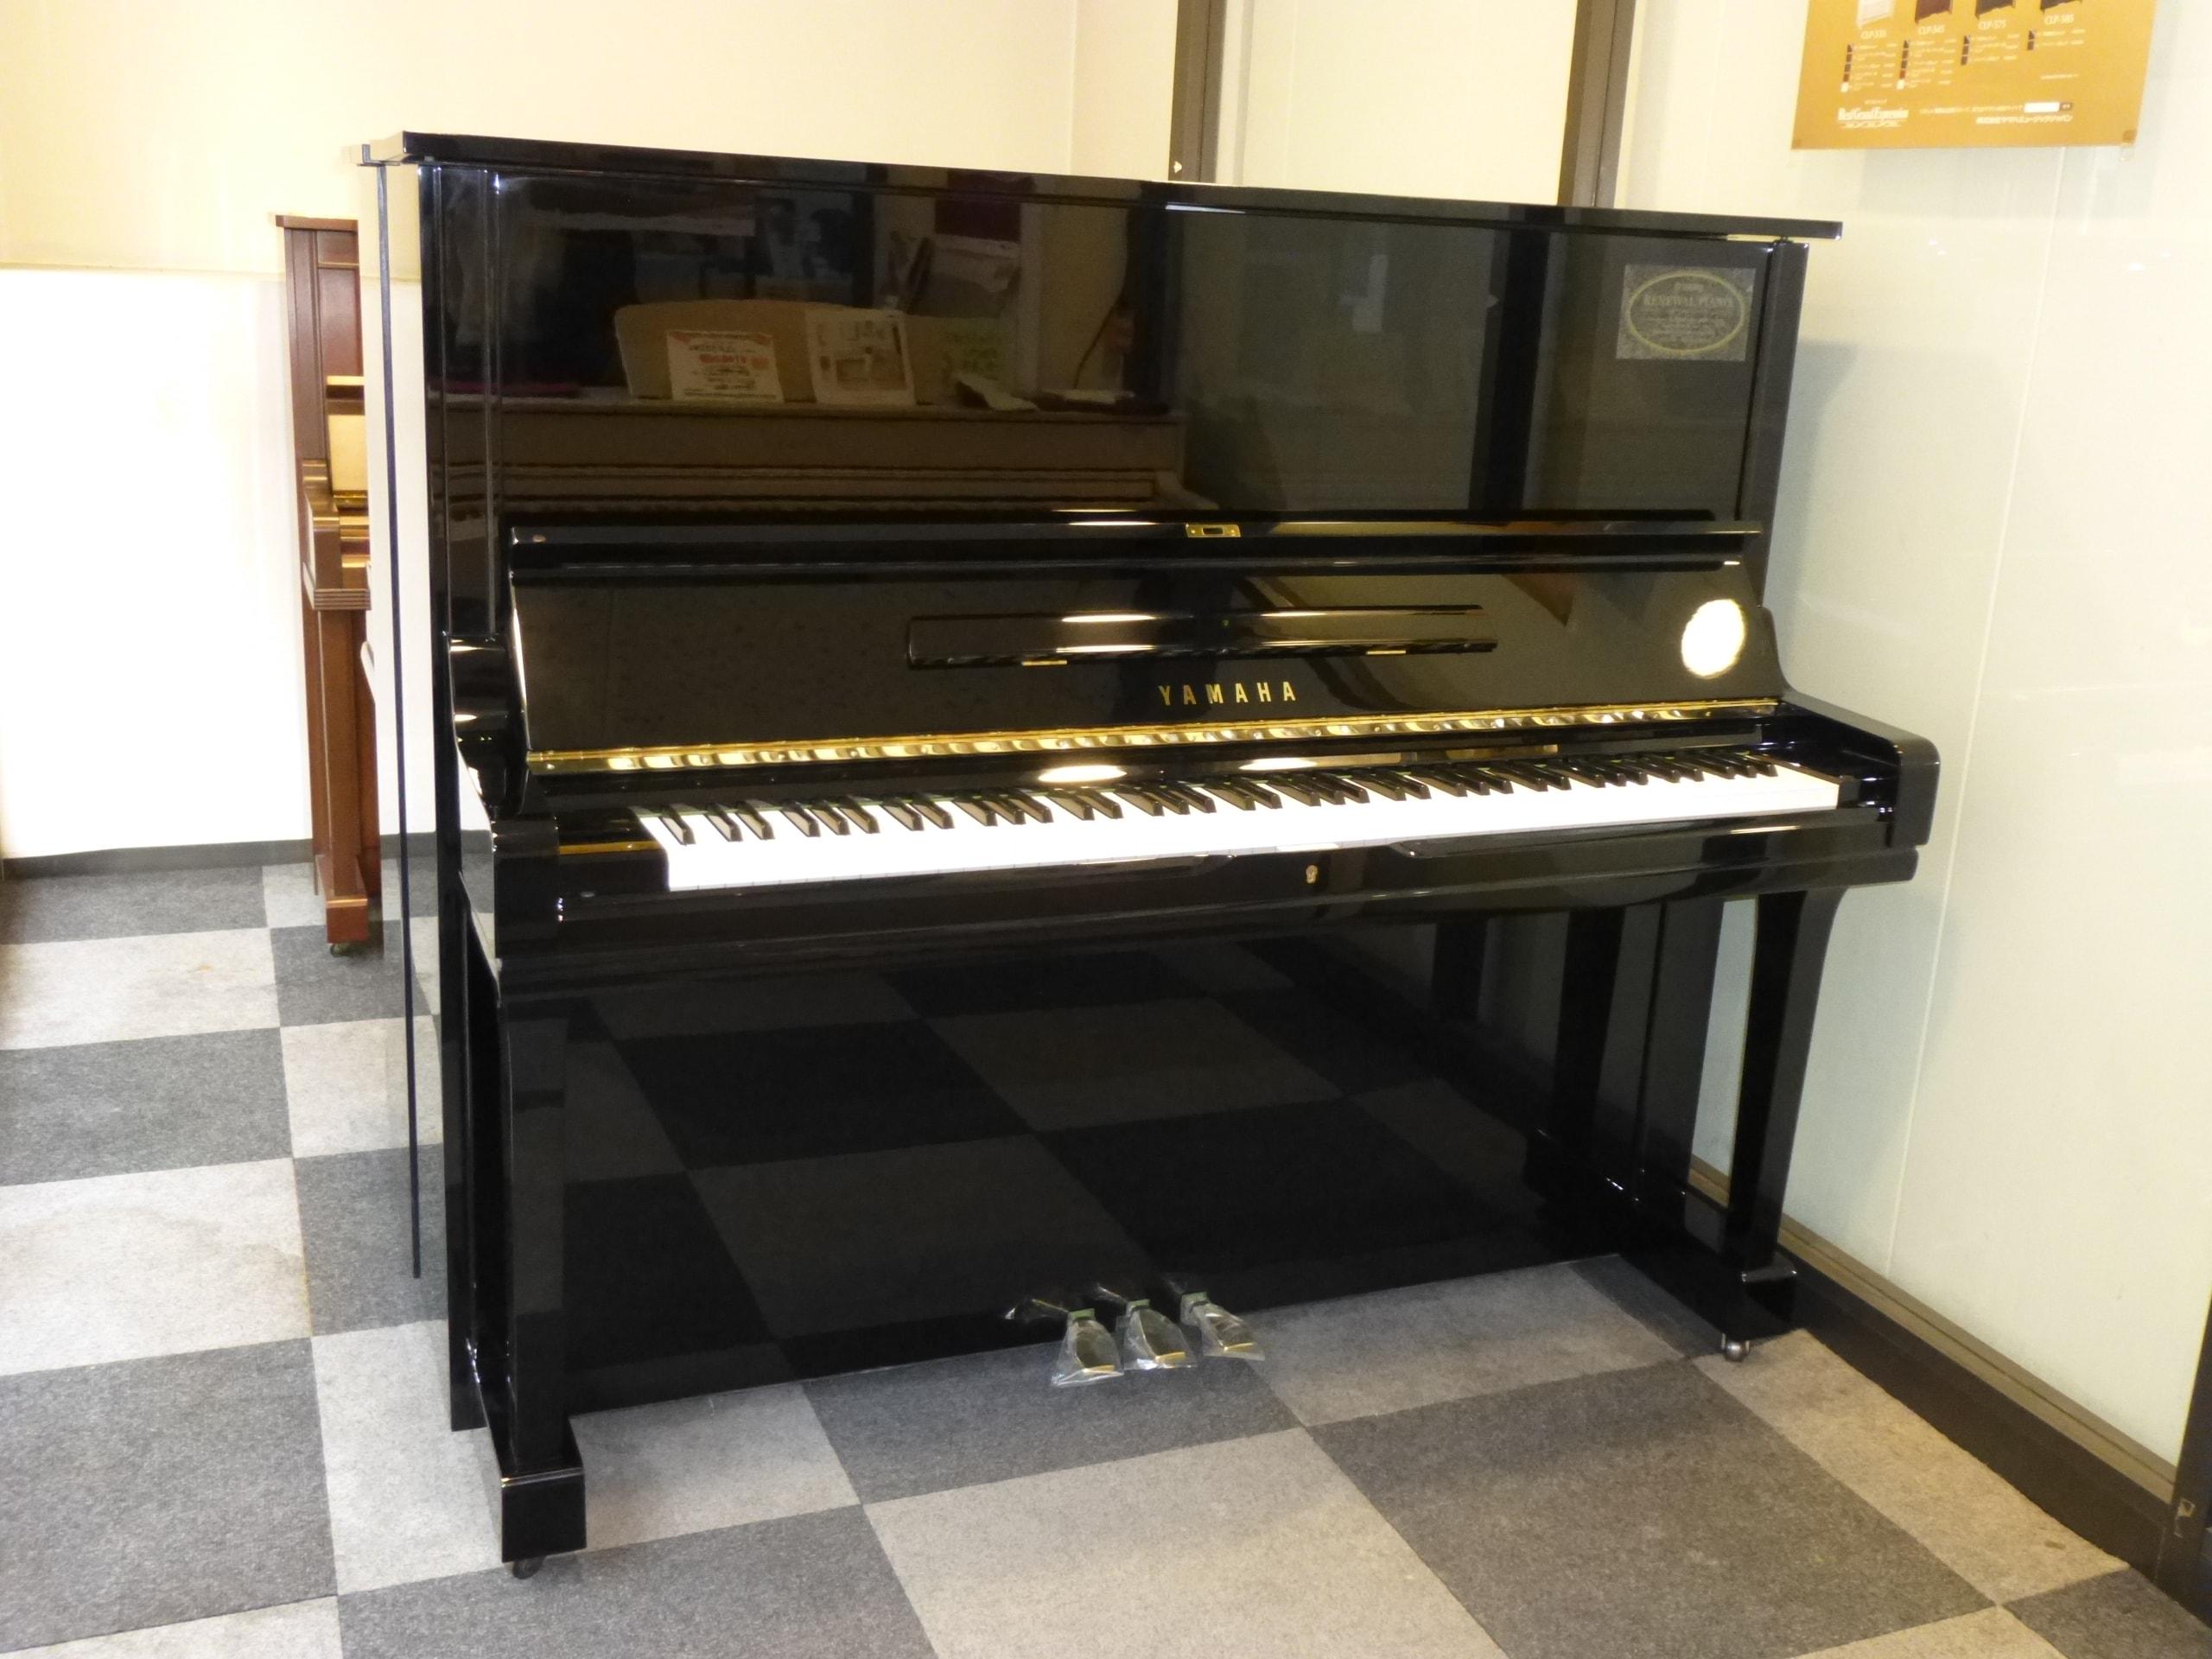 ヤマハ中古ピアノU3A画像